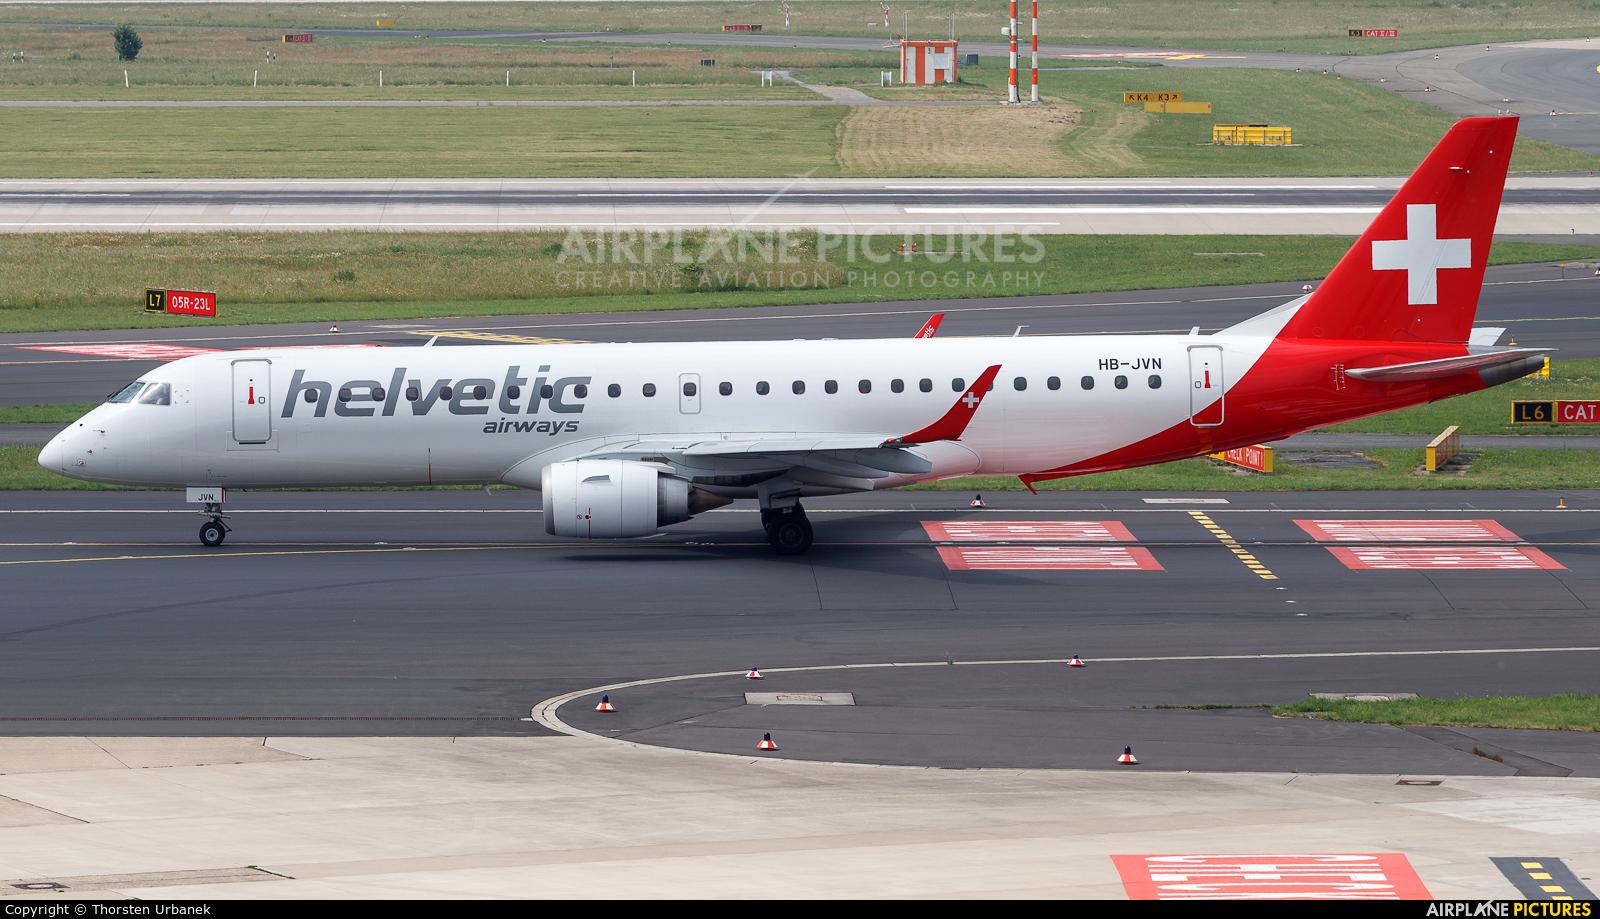 Helvetic Airways HB-JVN aircraft at Düsseldorf